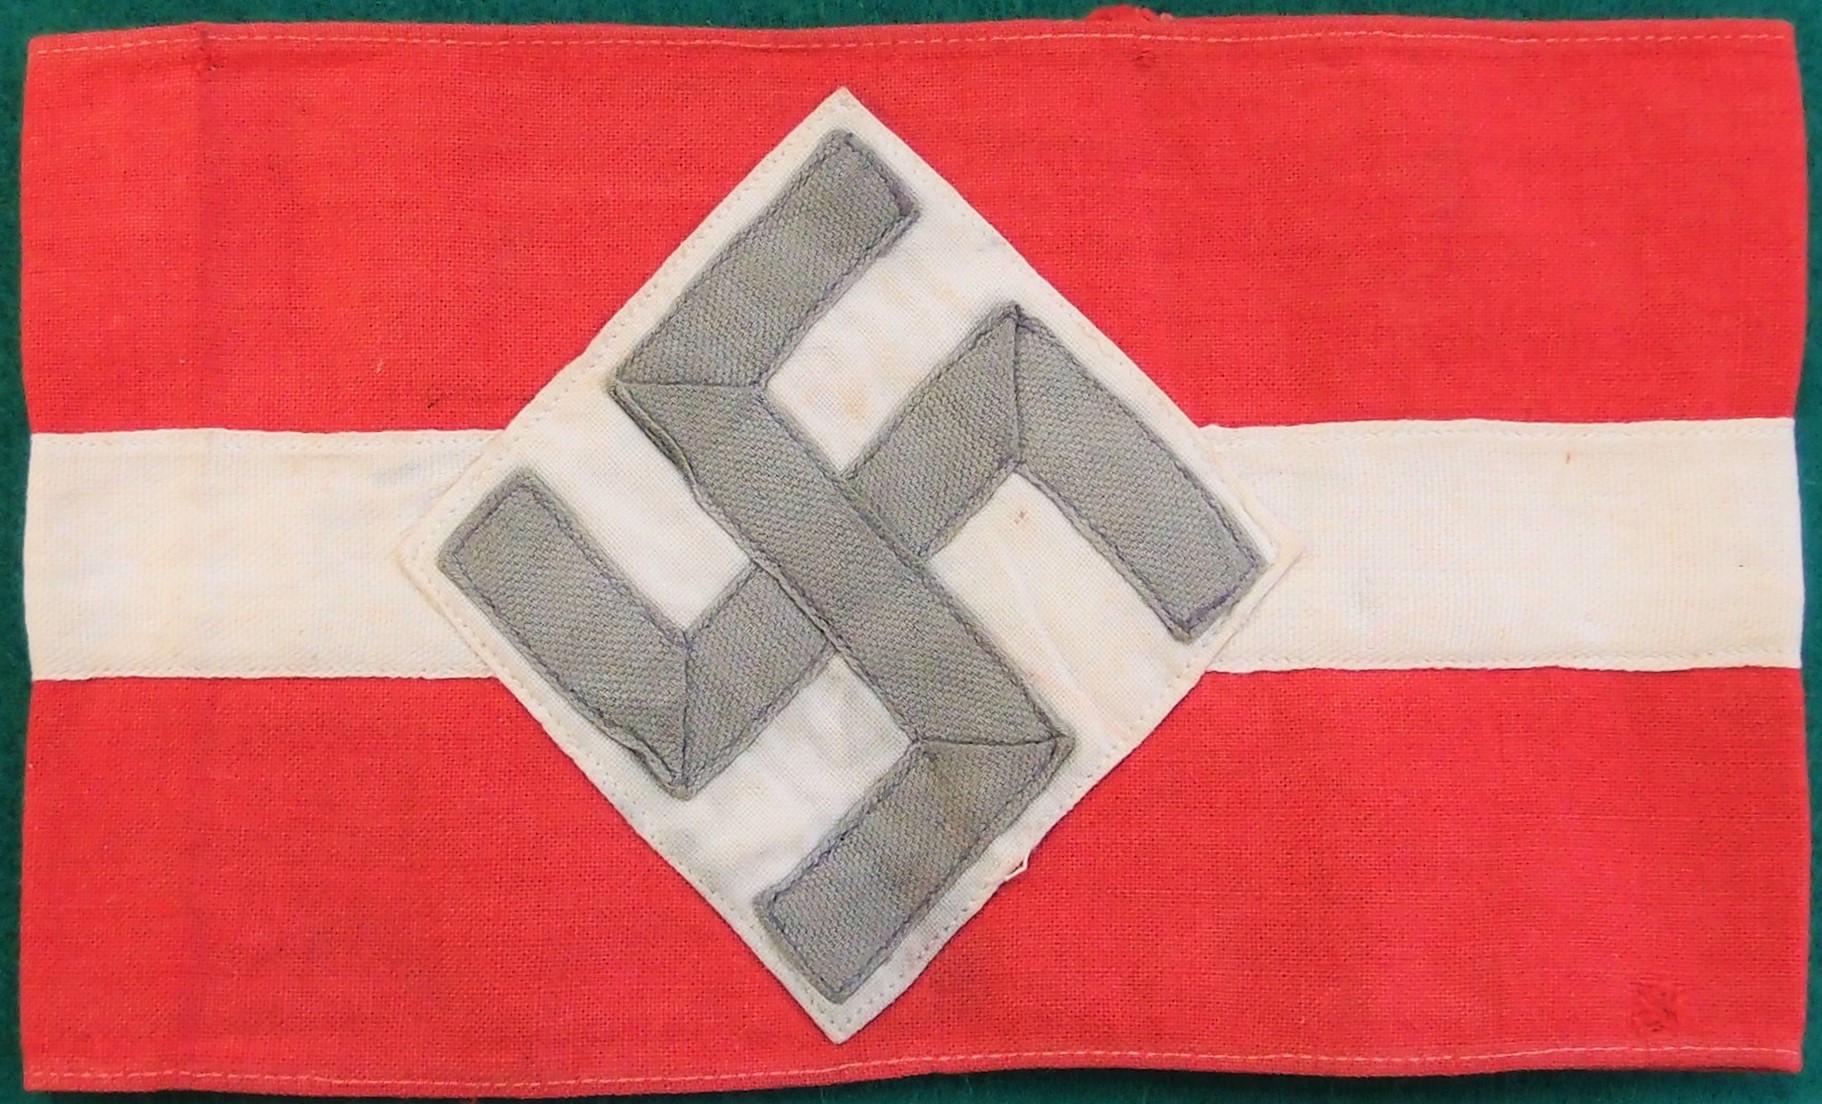 PRE WAR NAZI HITLER YOUTH ARMBAND